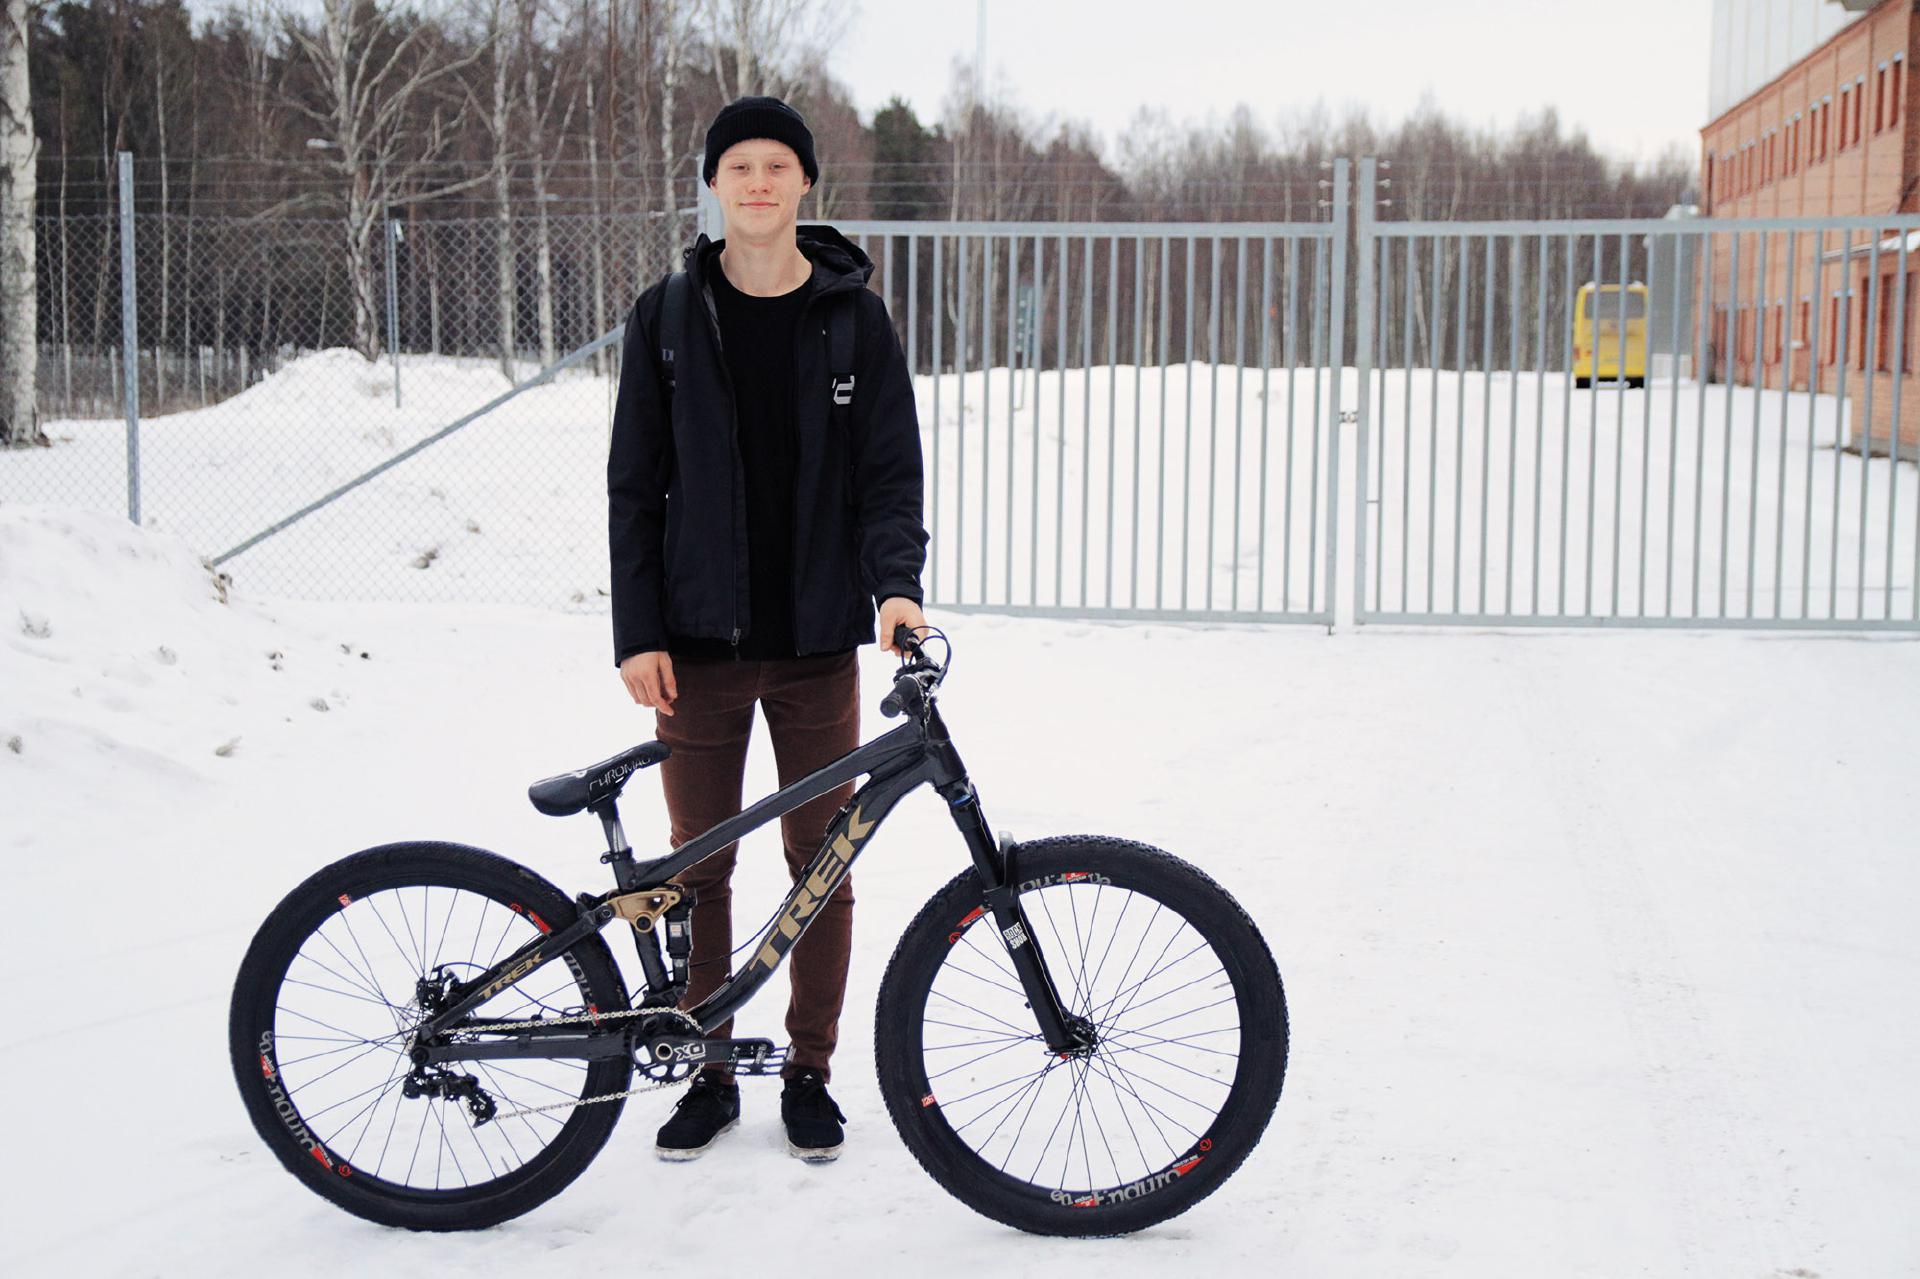 Emil Johansson ist der Neuzugang im C3 Project. Wir sind gespannt, was der erst 17 Jahre alte Schwede reißen wird auf seinem Trek Ticket!